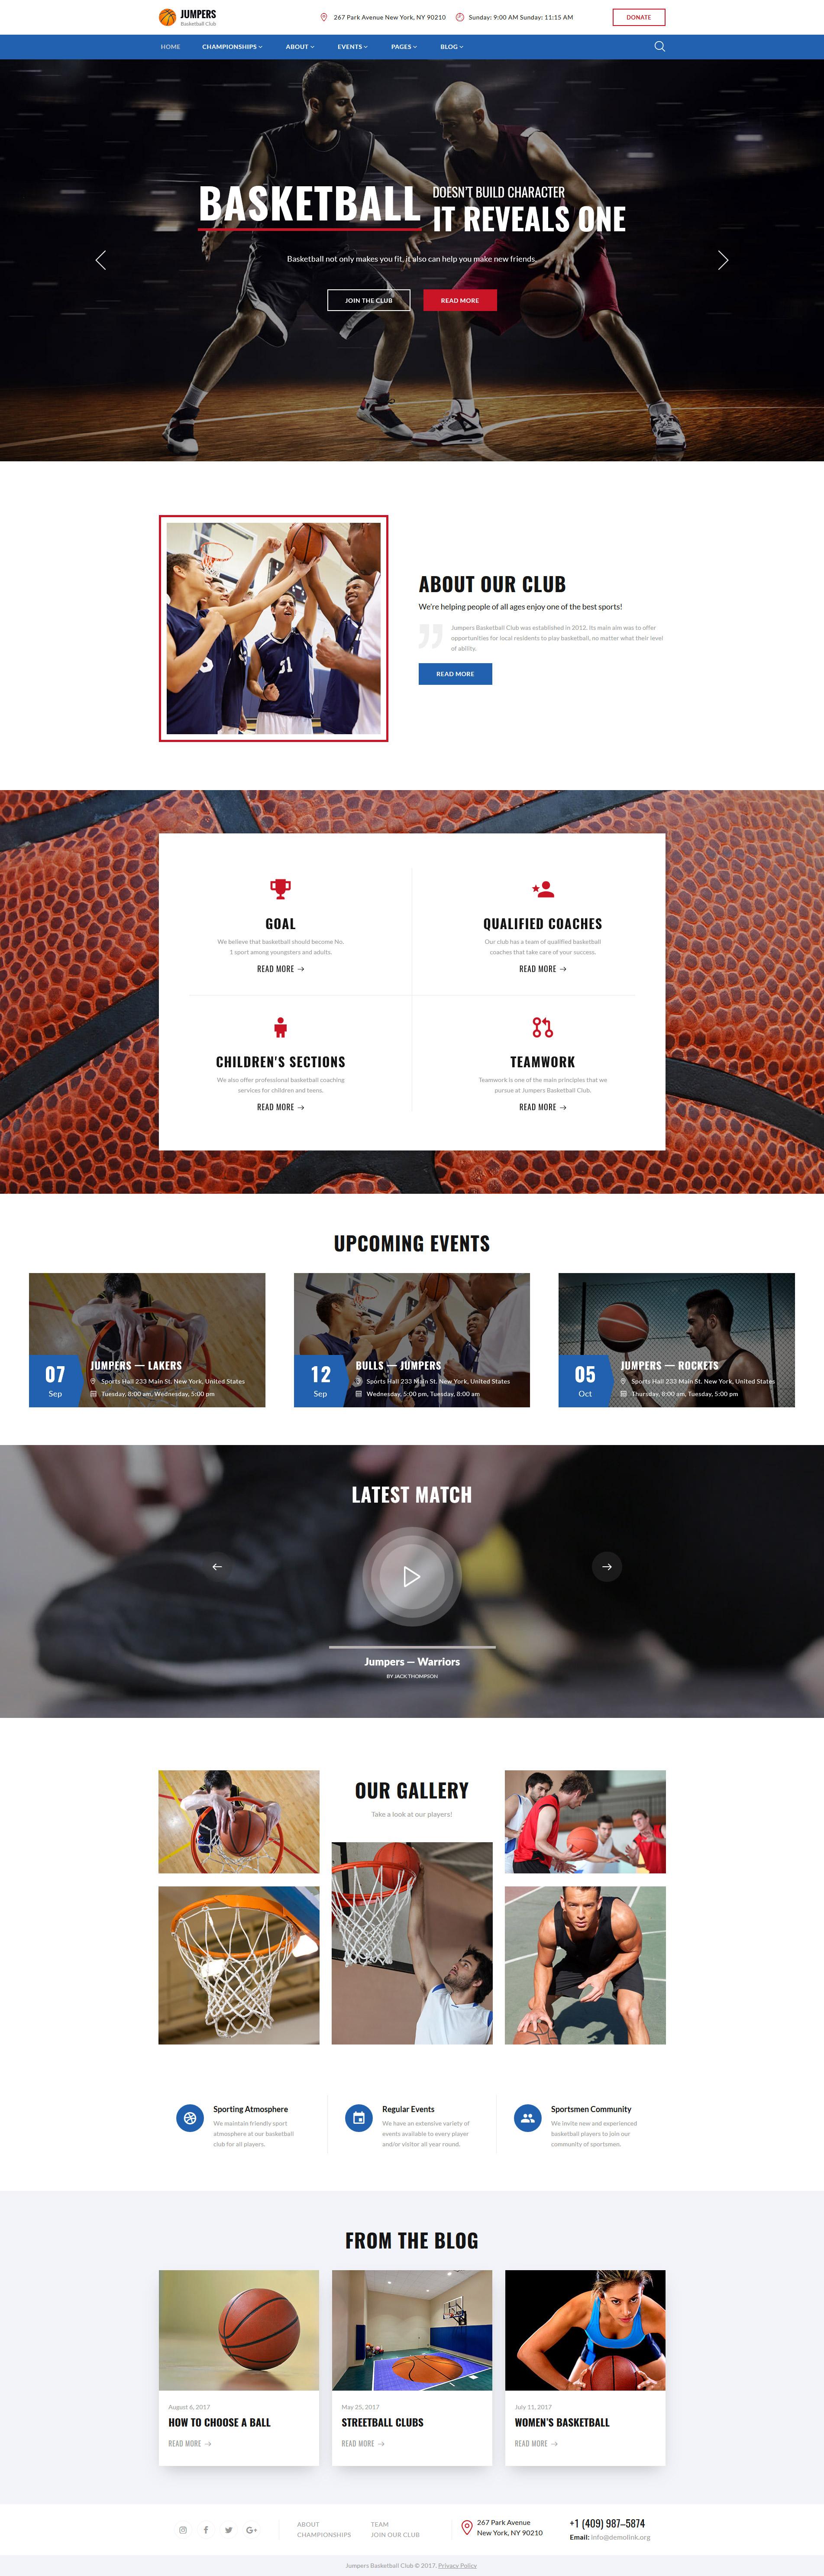 Ausgezeichnet Basketball Zertifikat Vorlagen Bilder - Beispiel ...